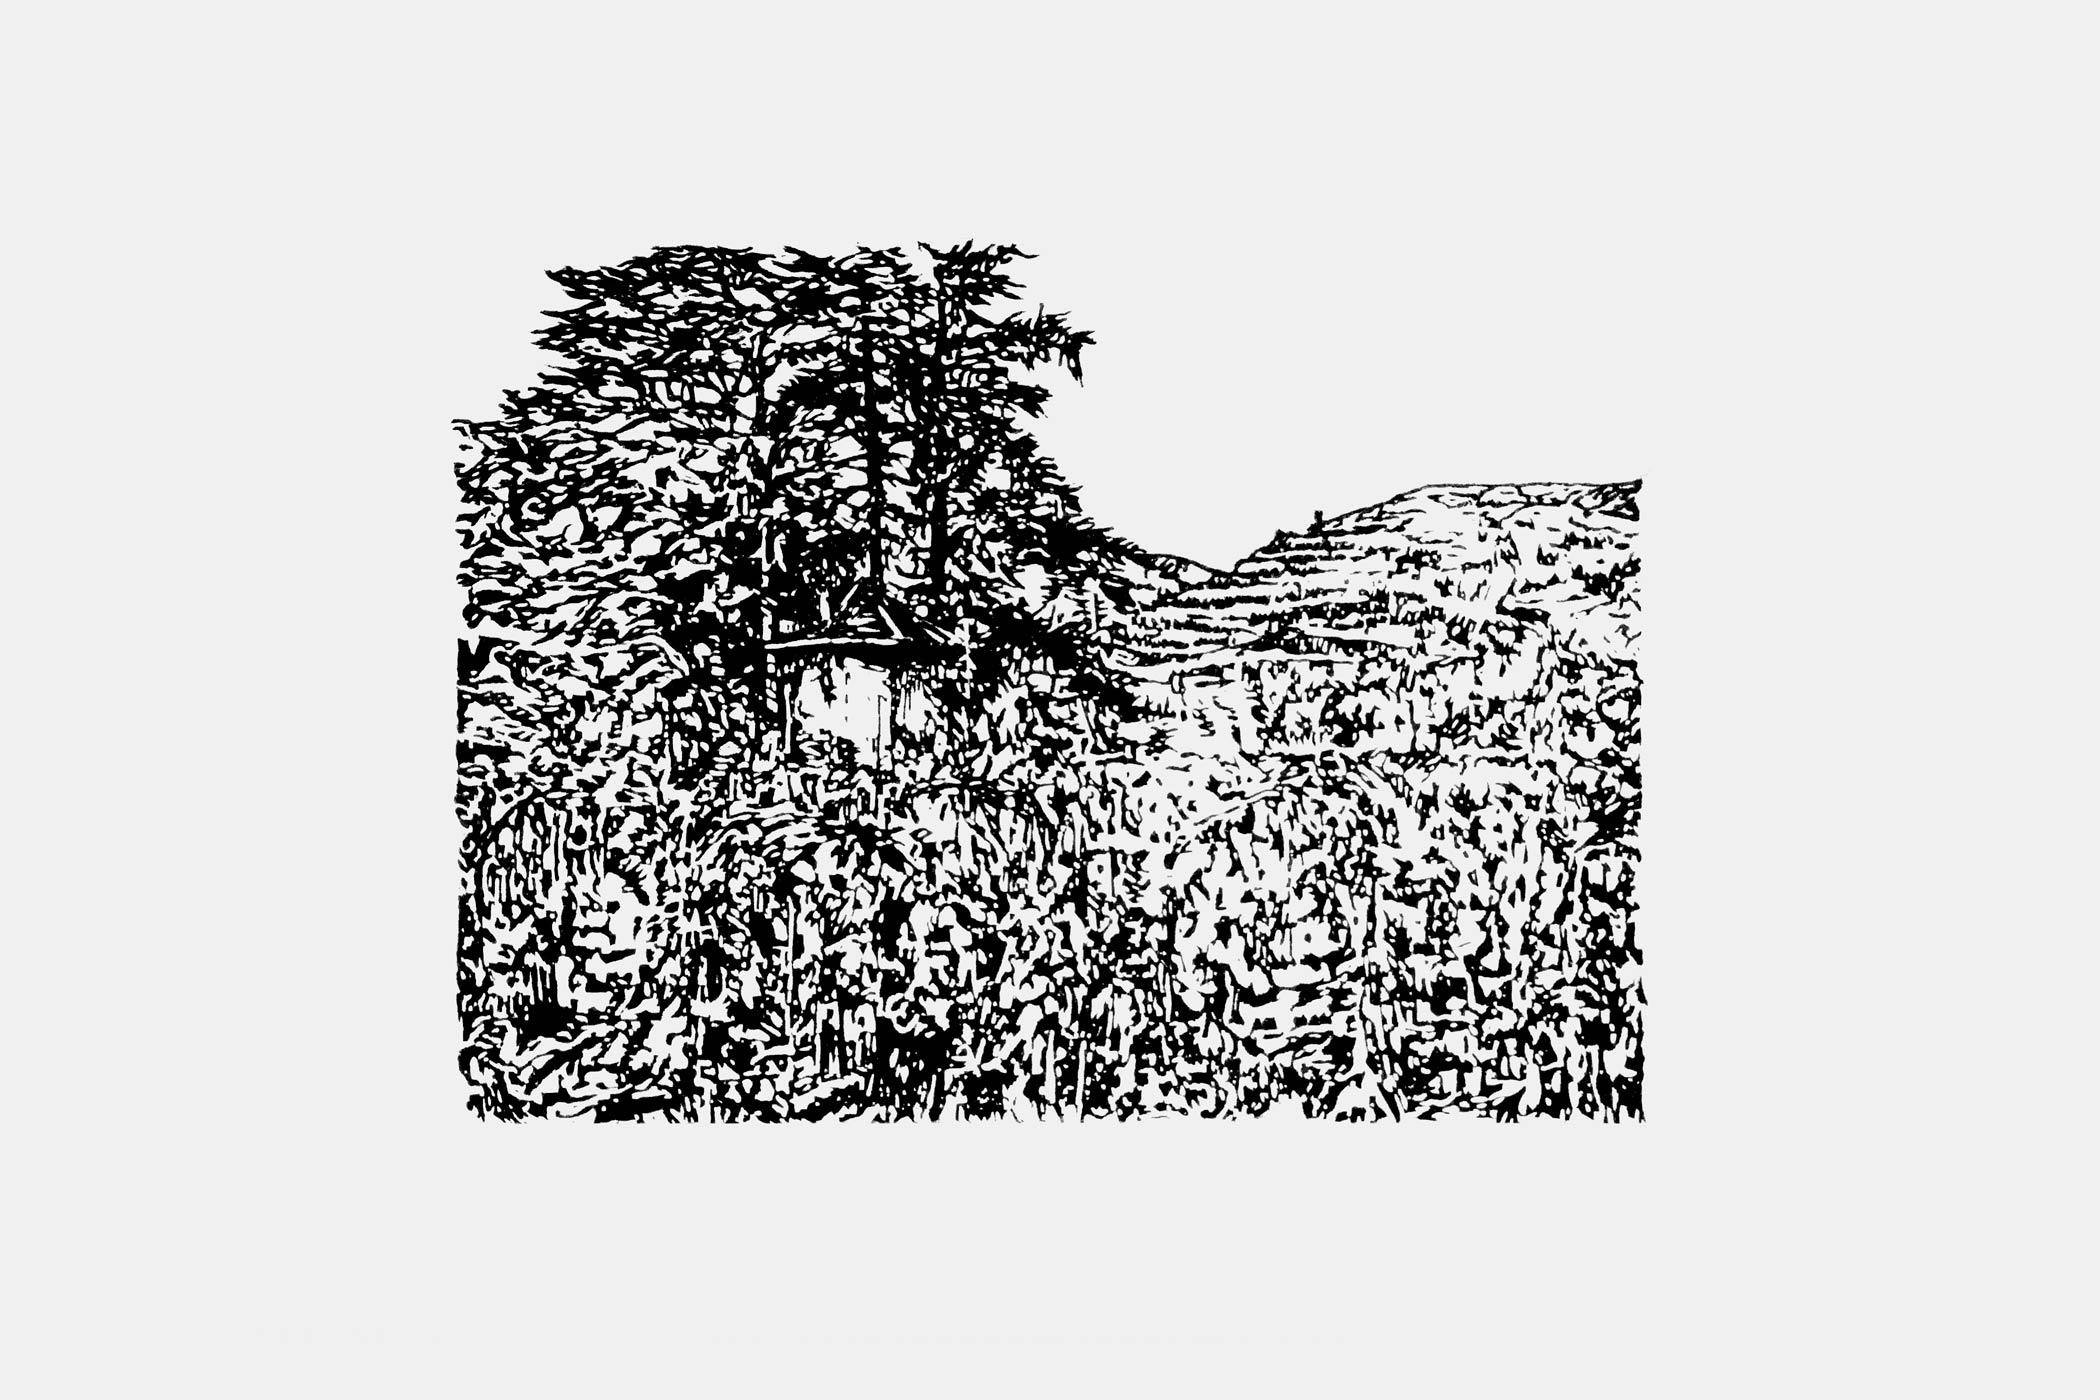 Holzschnitt von Christian Thanhäuser für das Etikette der Weinflasche Clos Florentin 2016 der Domaine Jean-Louis Chave